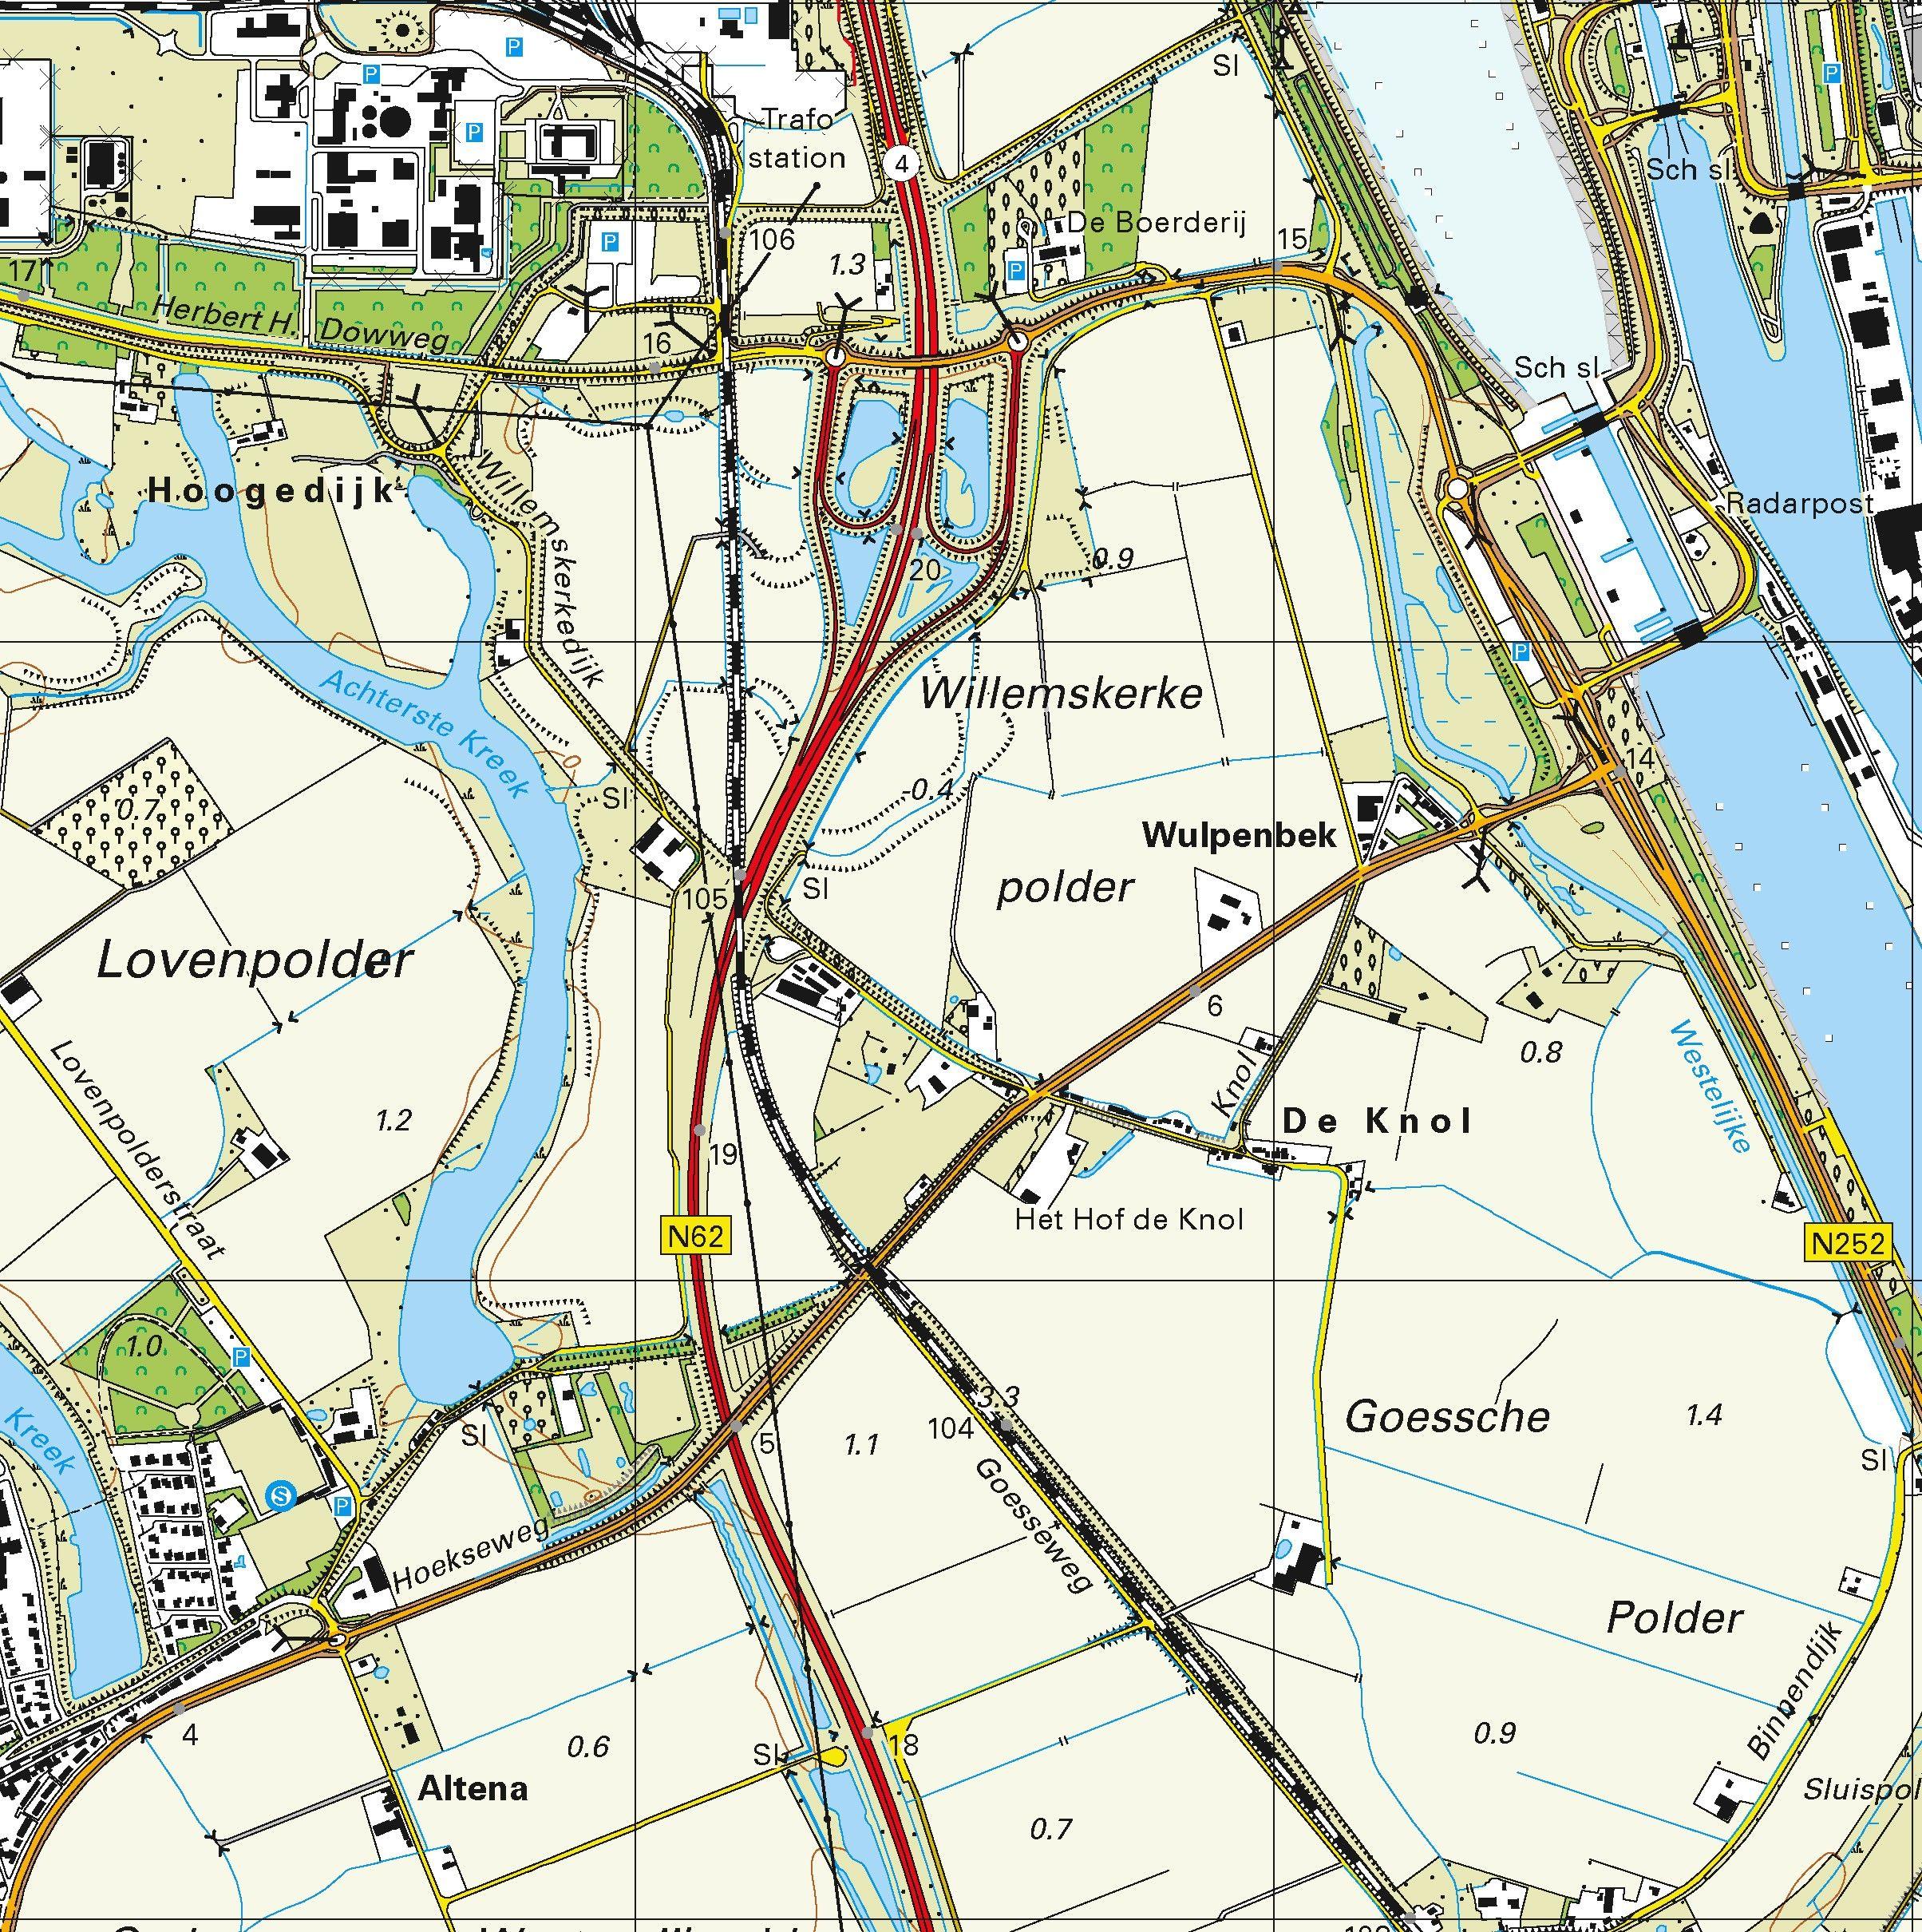 Topografische kaart schaal 1:25.000 (Terneuzen, Sluiskil, Philippine, Biervliet, IJzendijke)